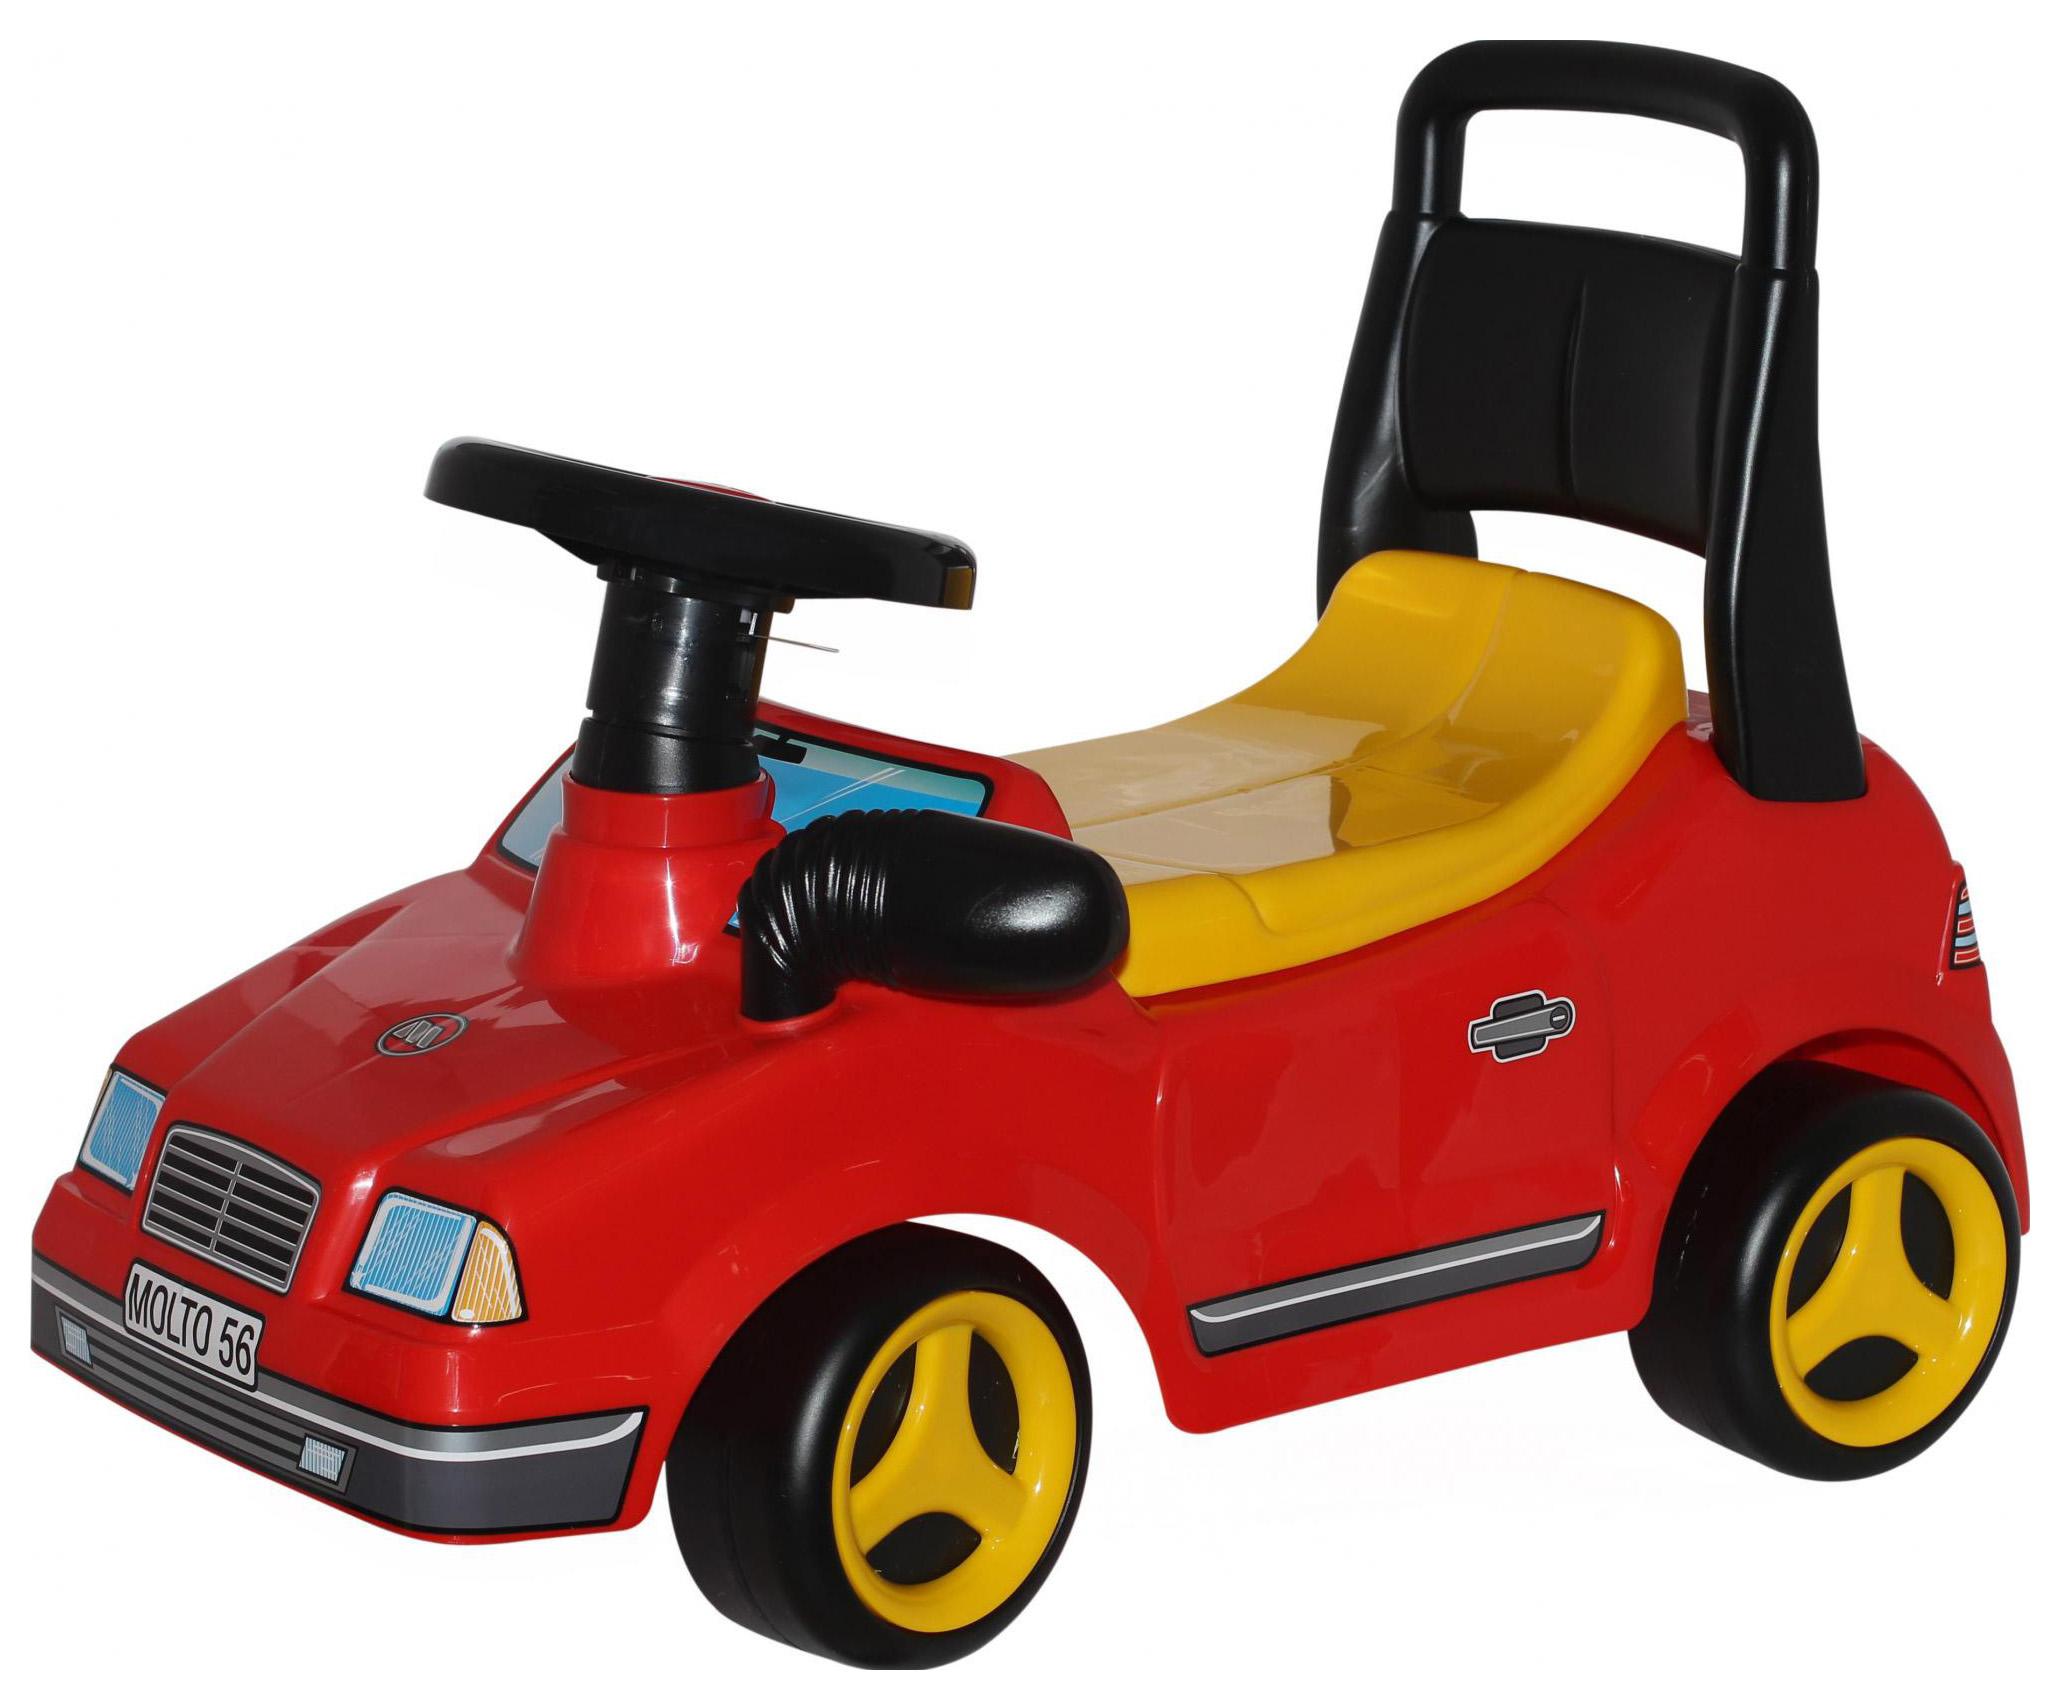 Машина-каталка Полесье спортивная Вихрь №2 Красный без звукового сигнала